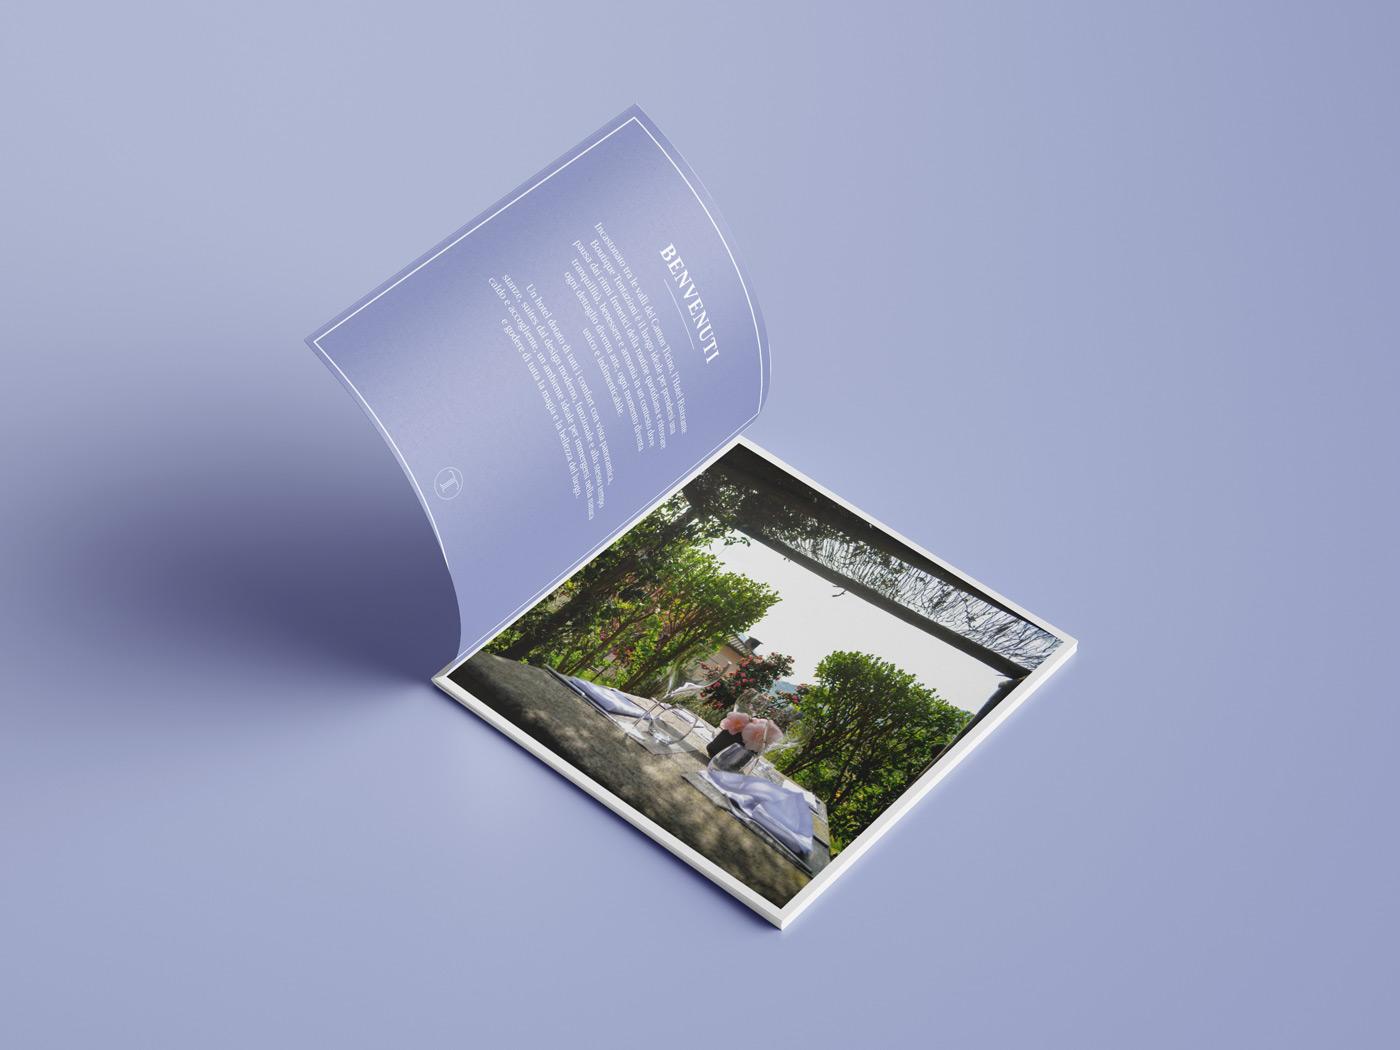 Tentazioni-Hotel-Ristorante—Brochure_2